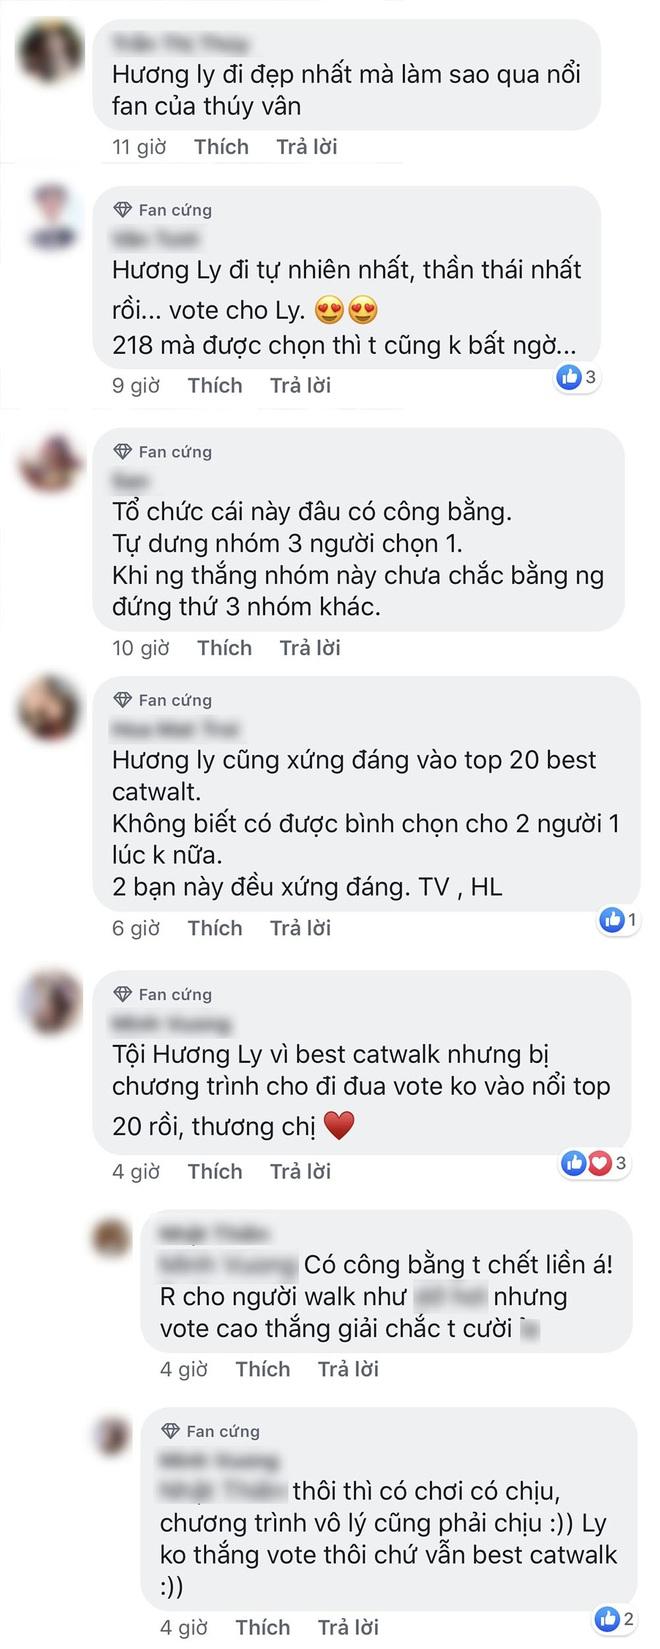 Thúy Vân tranh tài với Hương Ly xem ai đi catwalk đẹp hơn, fan vote liệu có công bằng? - ảnh 2